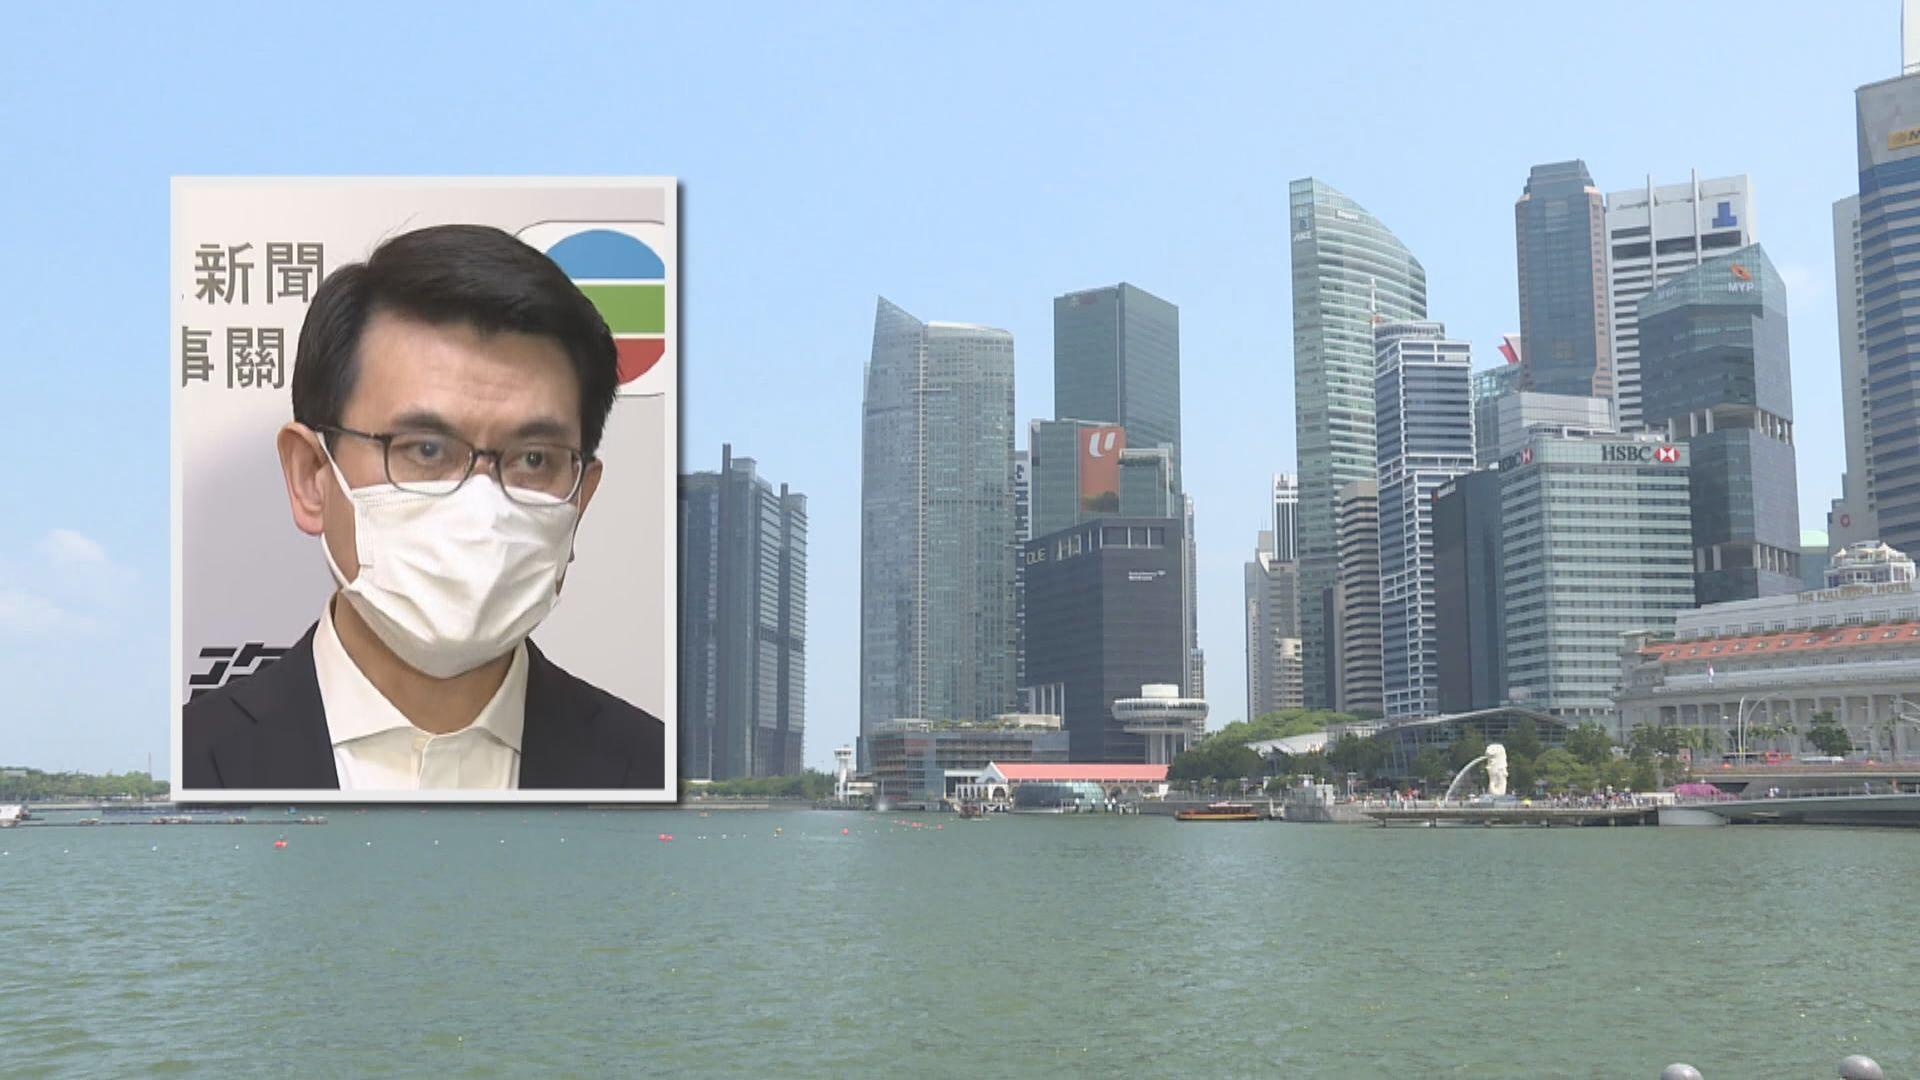 邱騰華冀新加坡旅遊氣泡月底起行